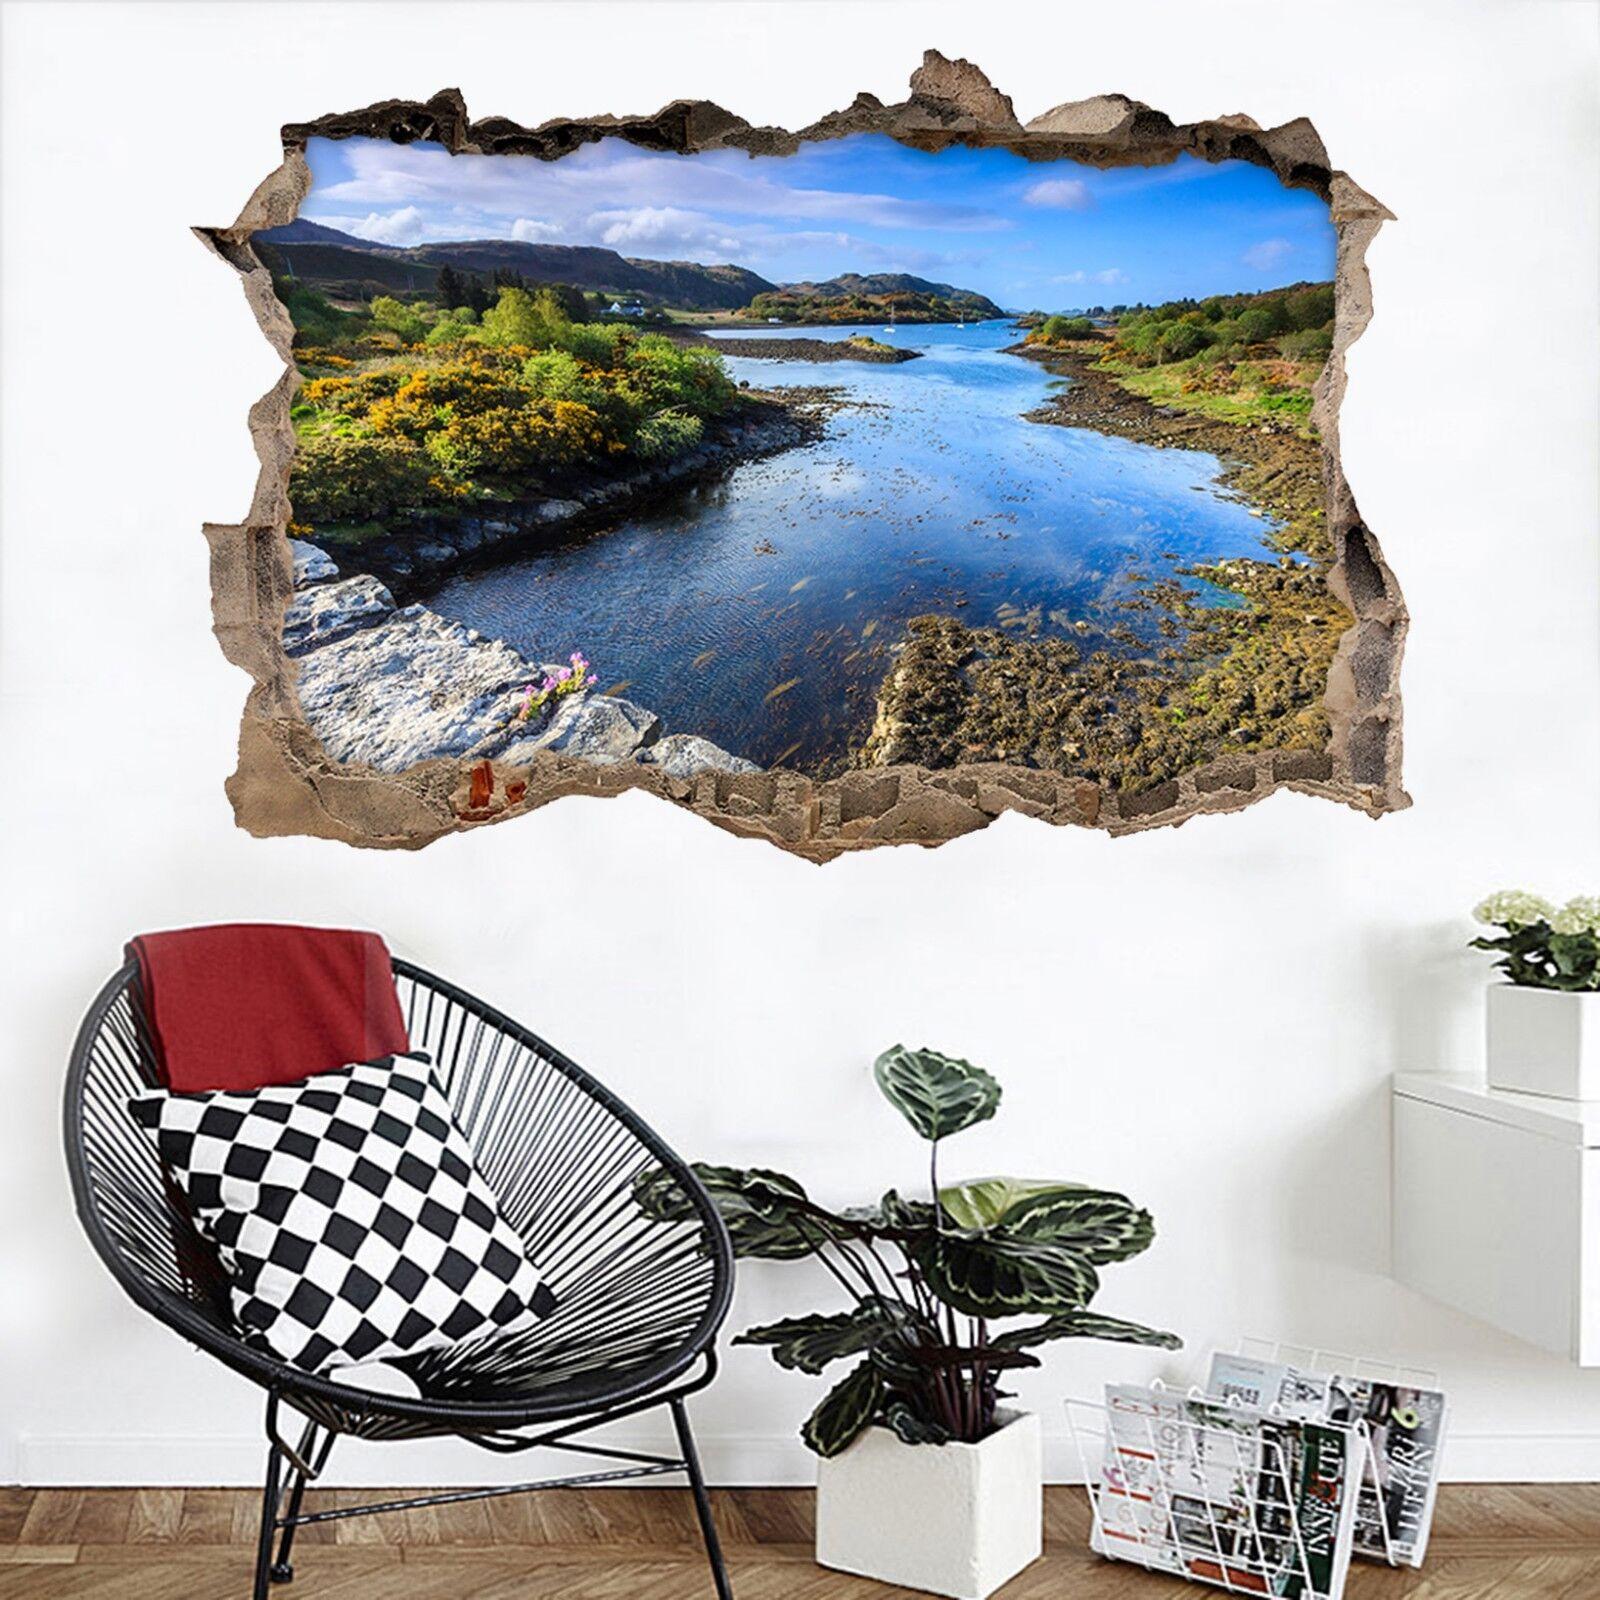 3D Großer Fluss 360 Mauer Murals Mauer Aufklebe Decal Durchbruch AJ WALLPAPER DE